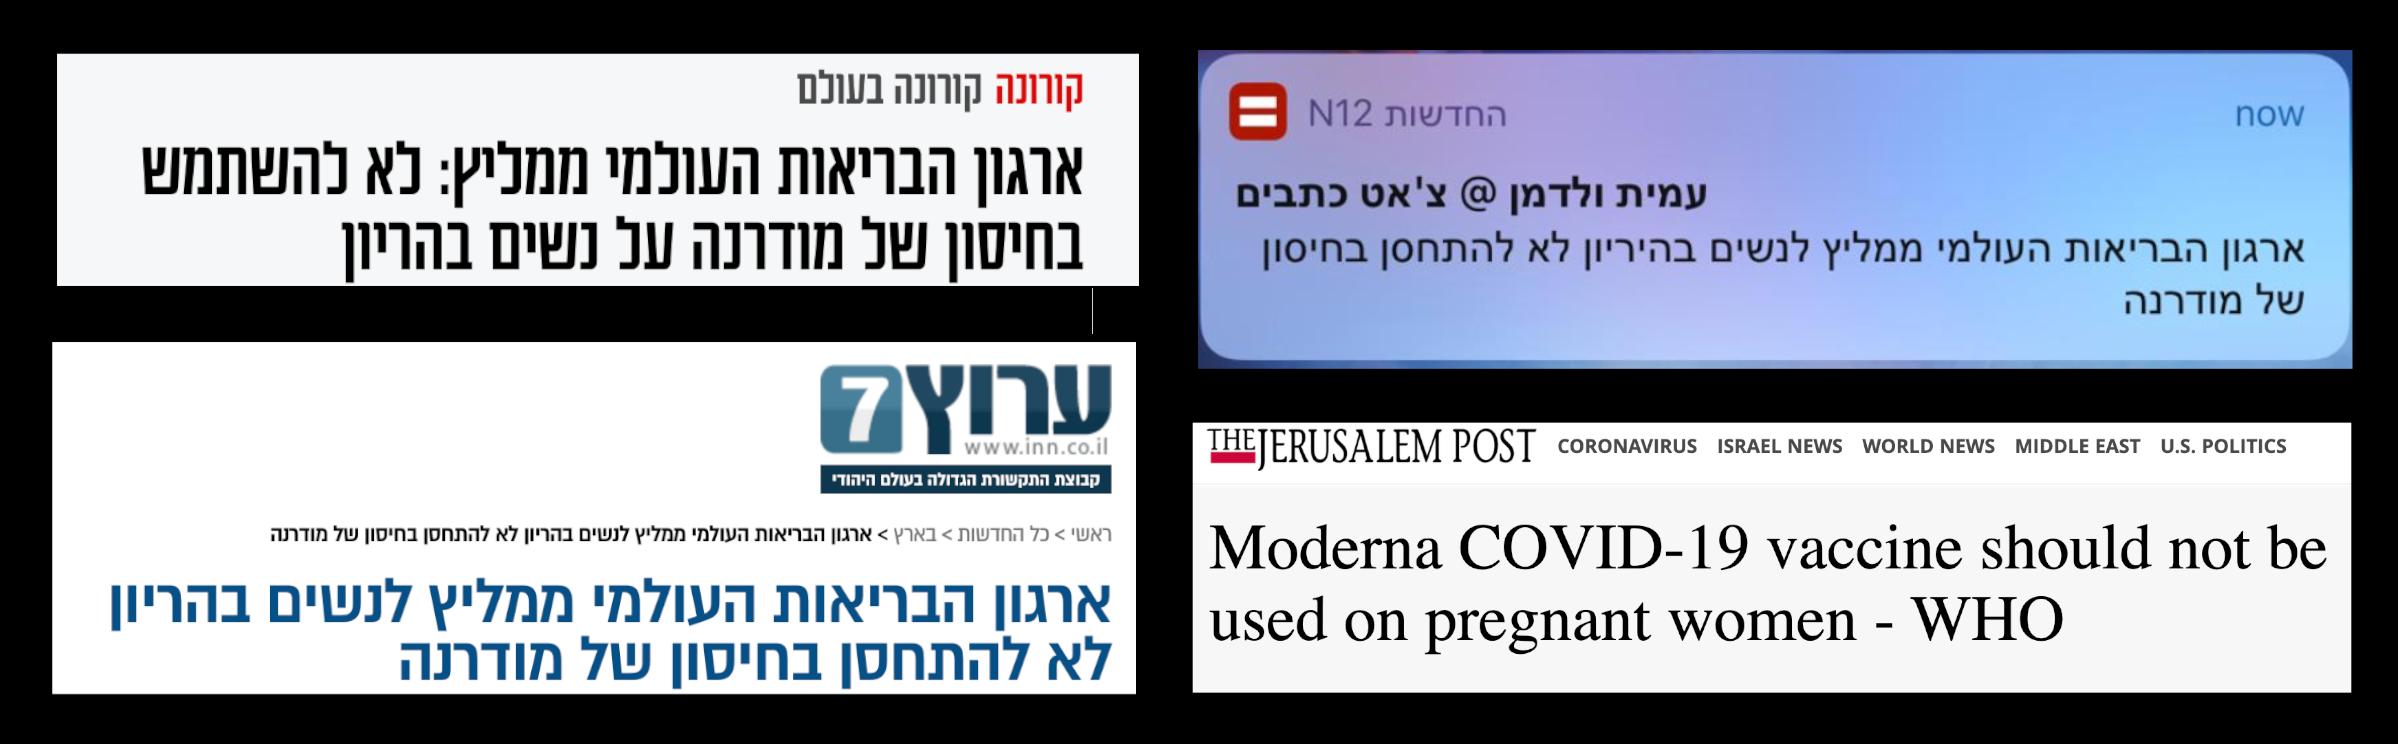 no vaccination headlines